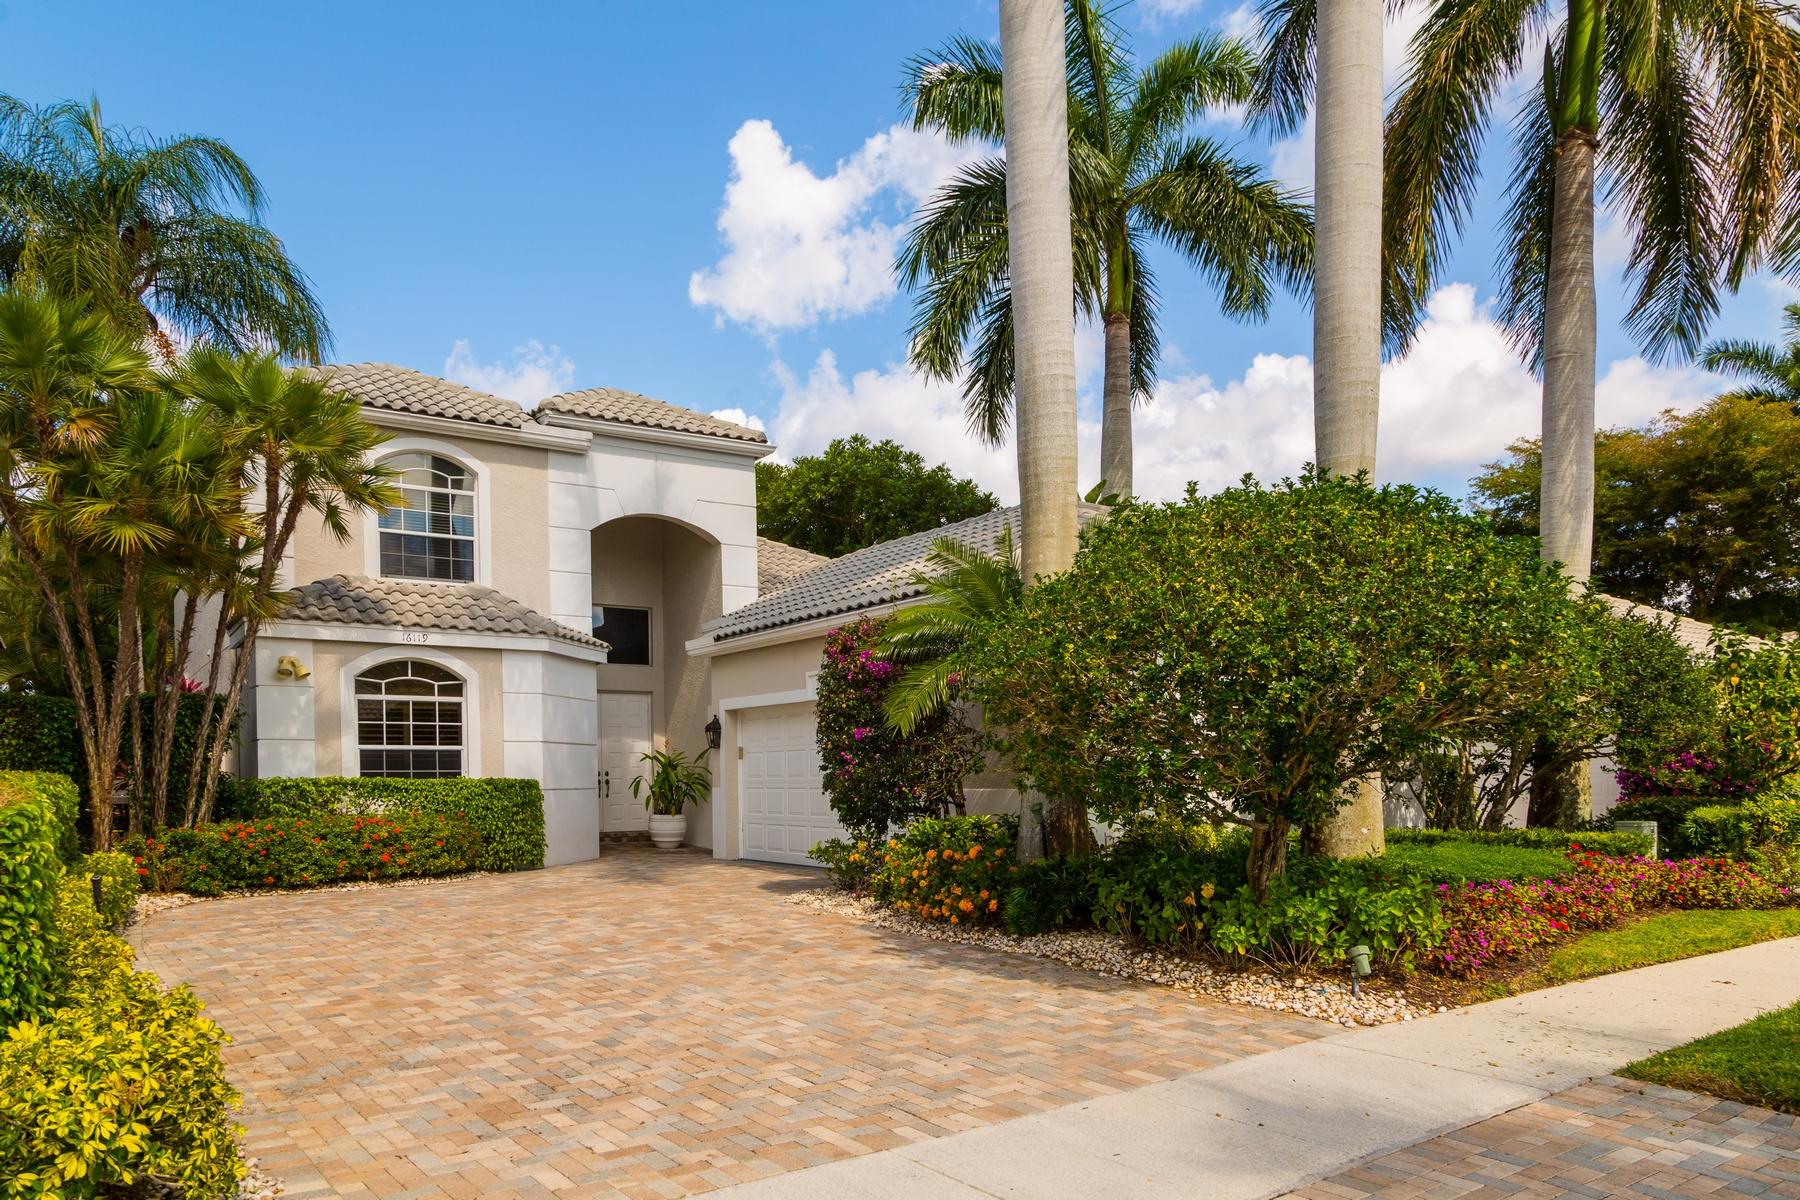 단독 가정 주택 용 매매 에 16119 Villa Vizcaya Place Addison Reserve, Delray Beach, 플로리다, 33446 미국